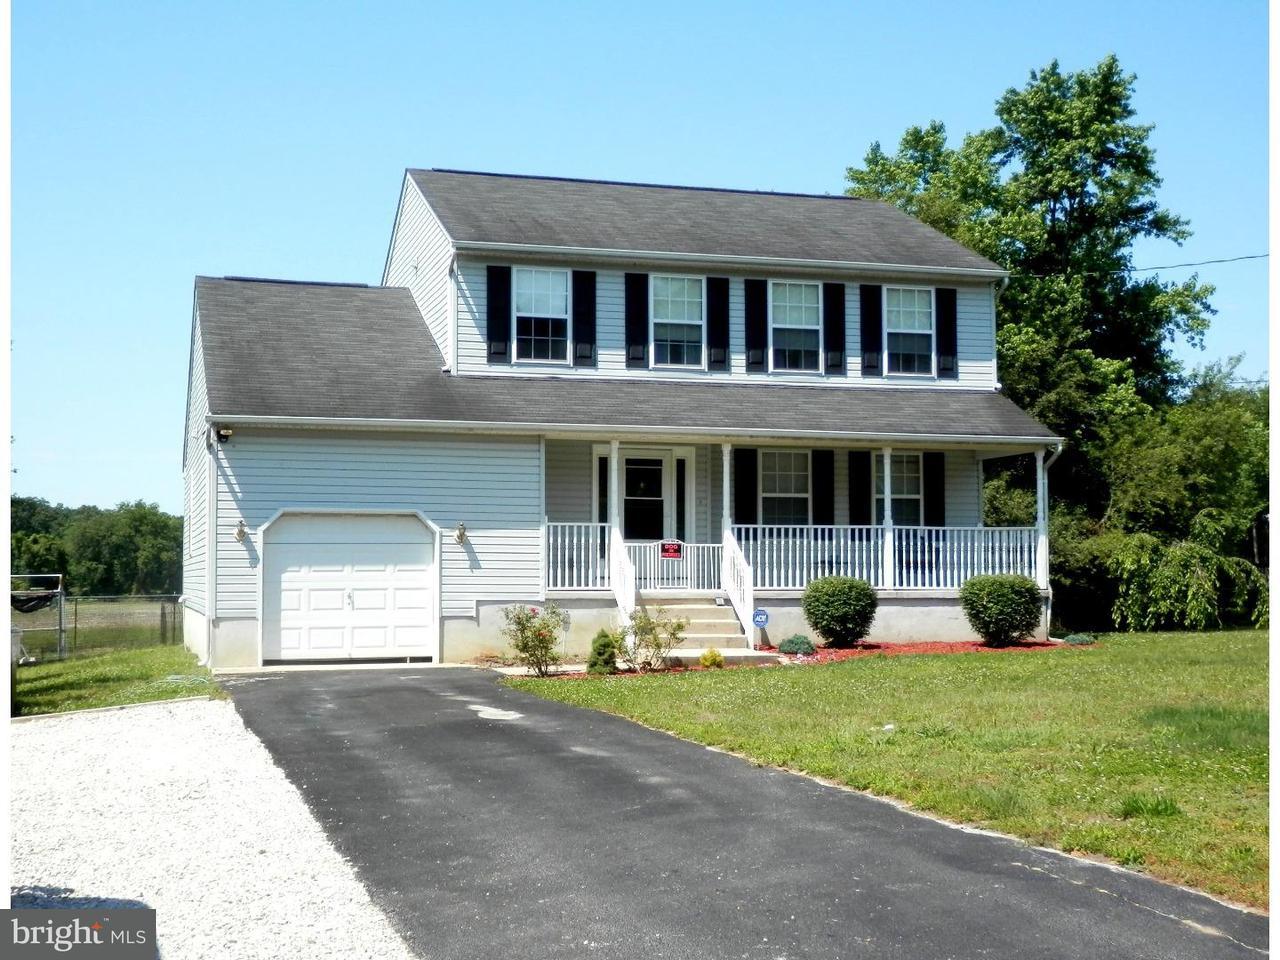 独户住宅 为 销售 在 707 WATSONTOWN Road Berlin Boro, 新泽西州 08009 美国